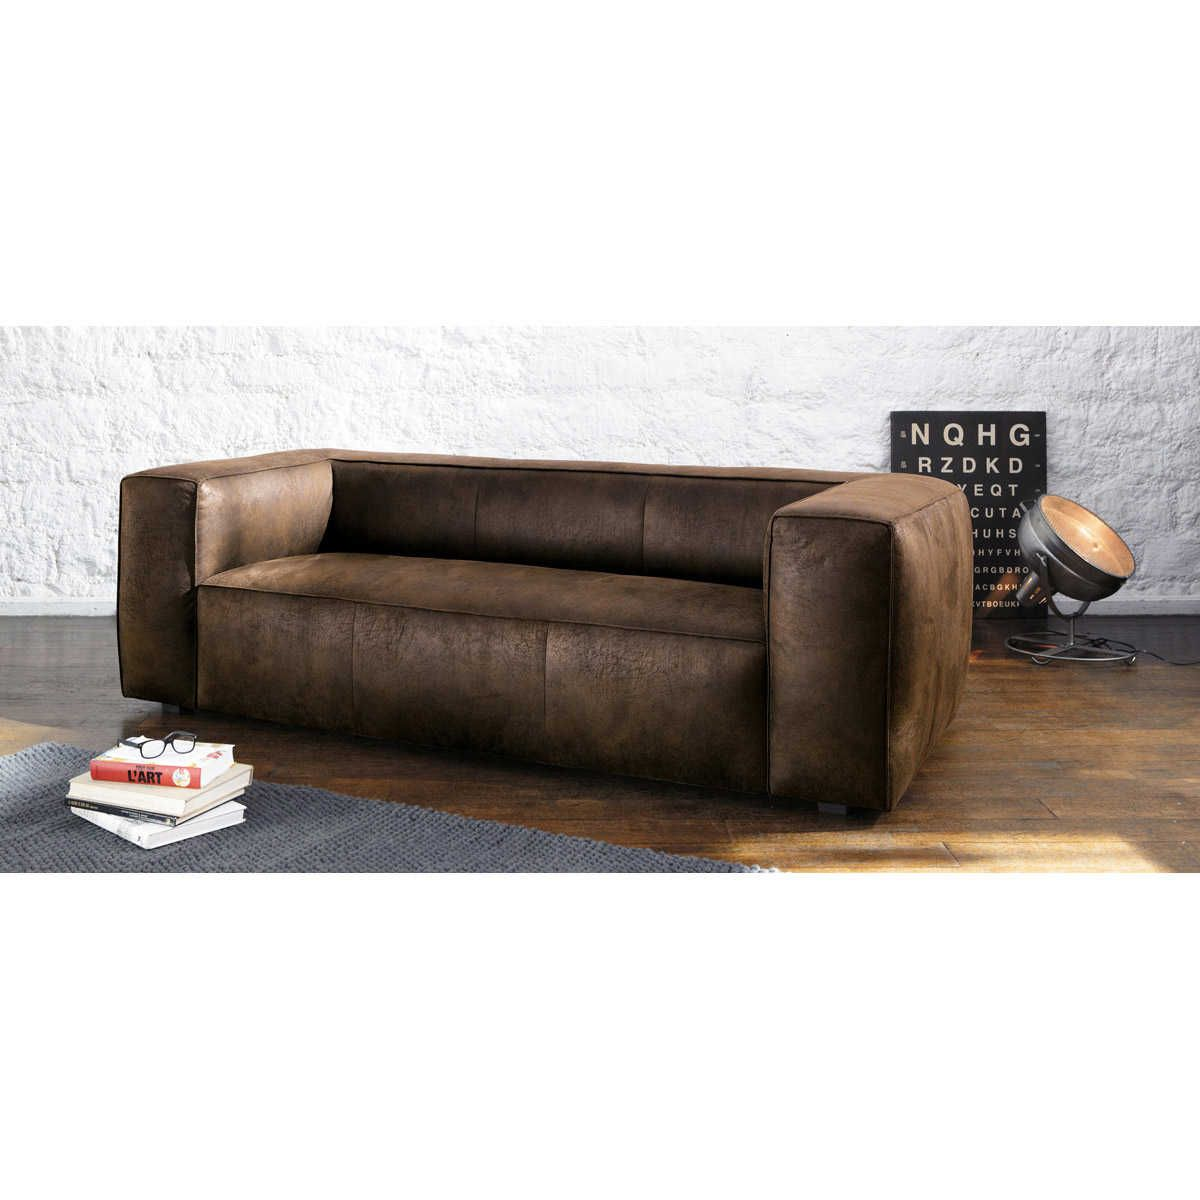 Table Lamps Sofa Leather Sofa Furniture